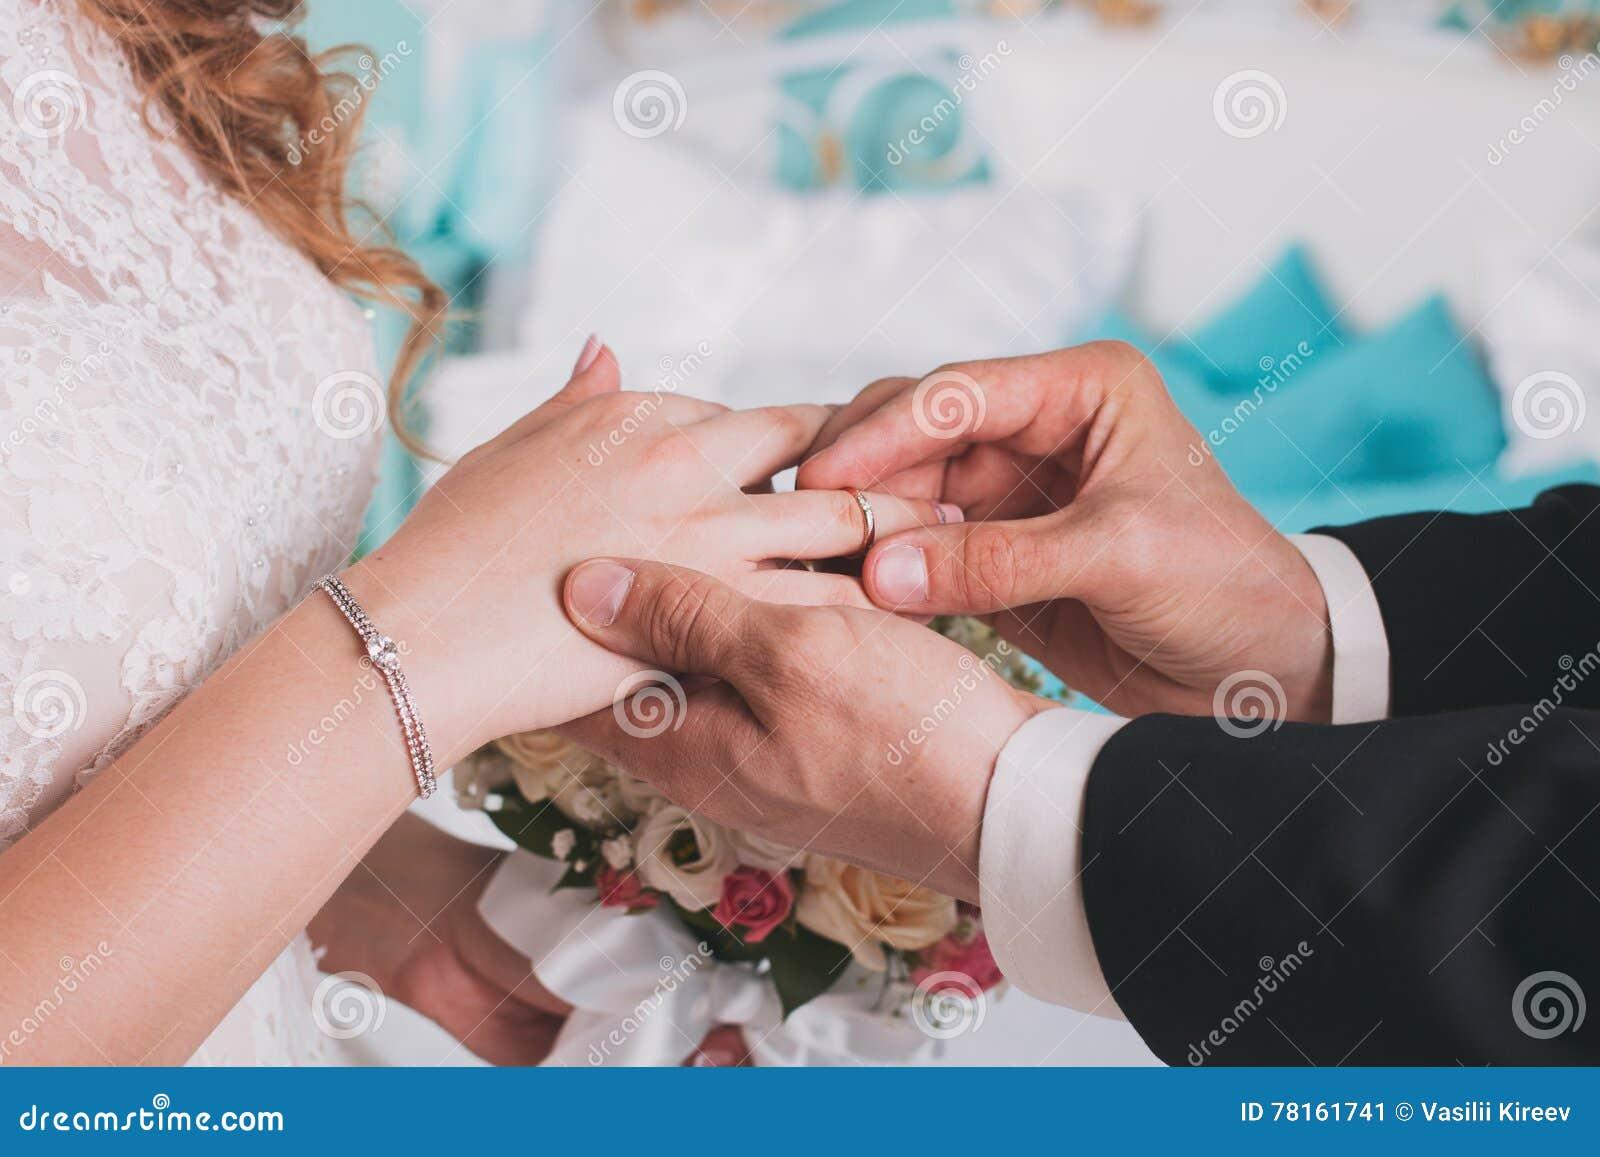 The Couple Exchange Wedding Rings Stock Image ...